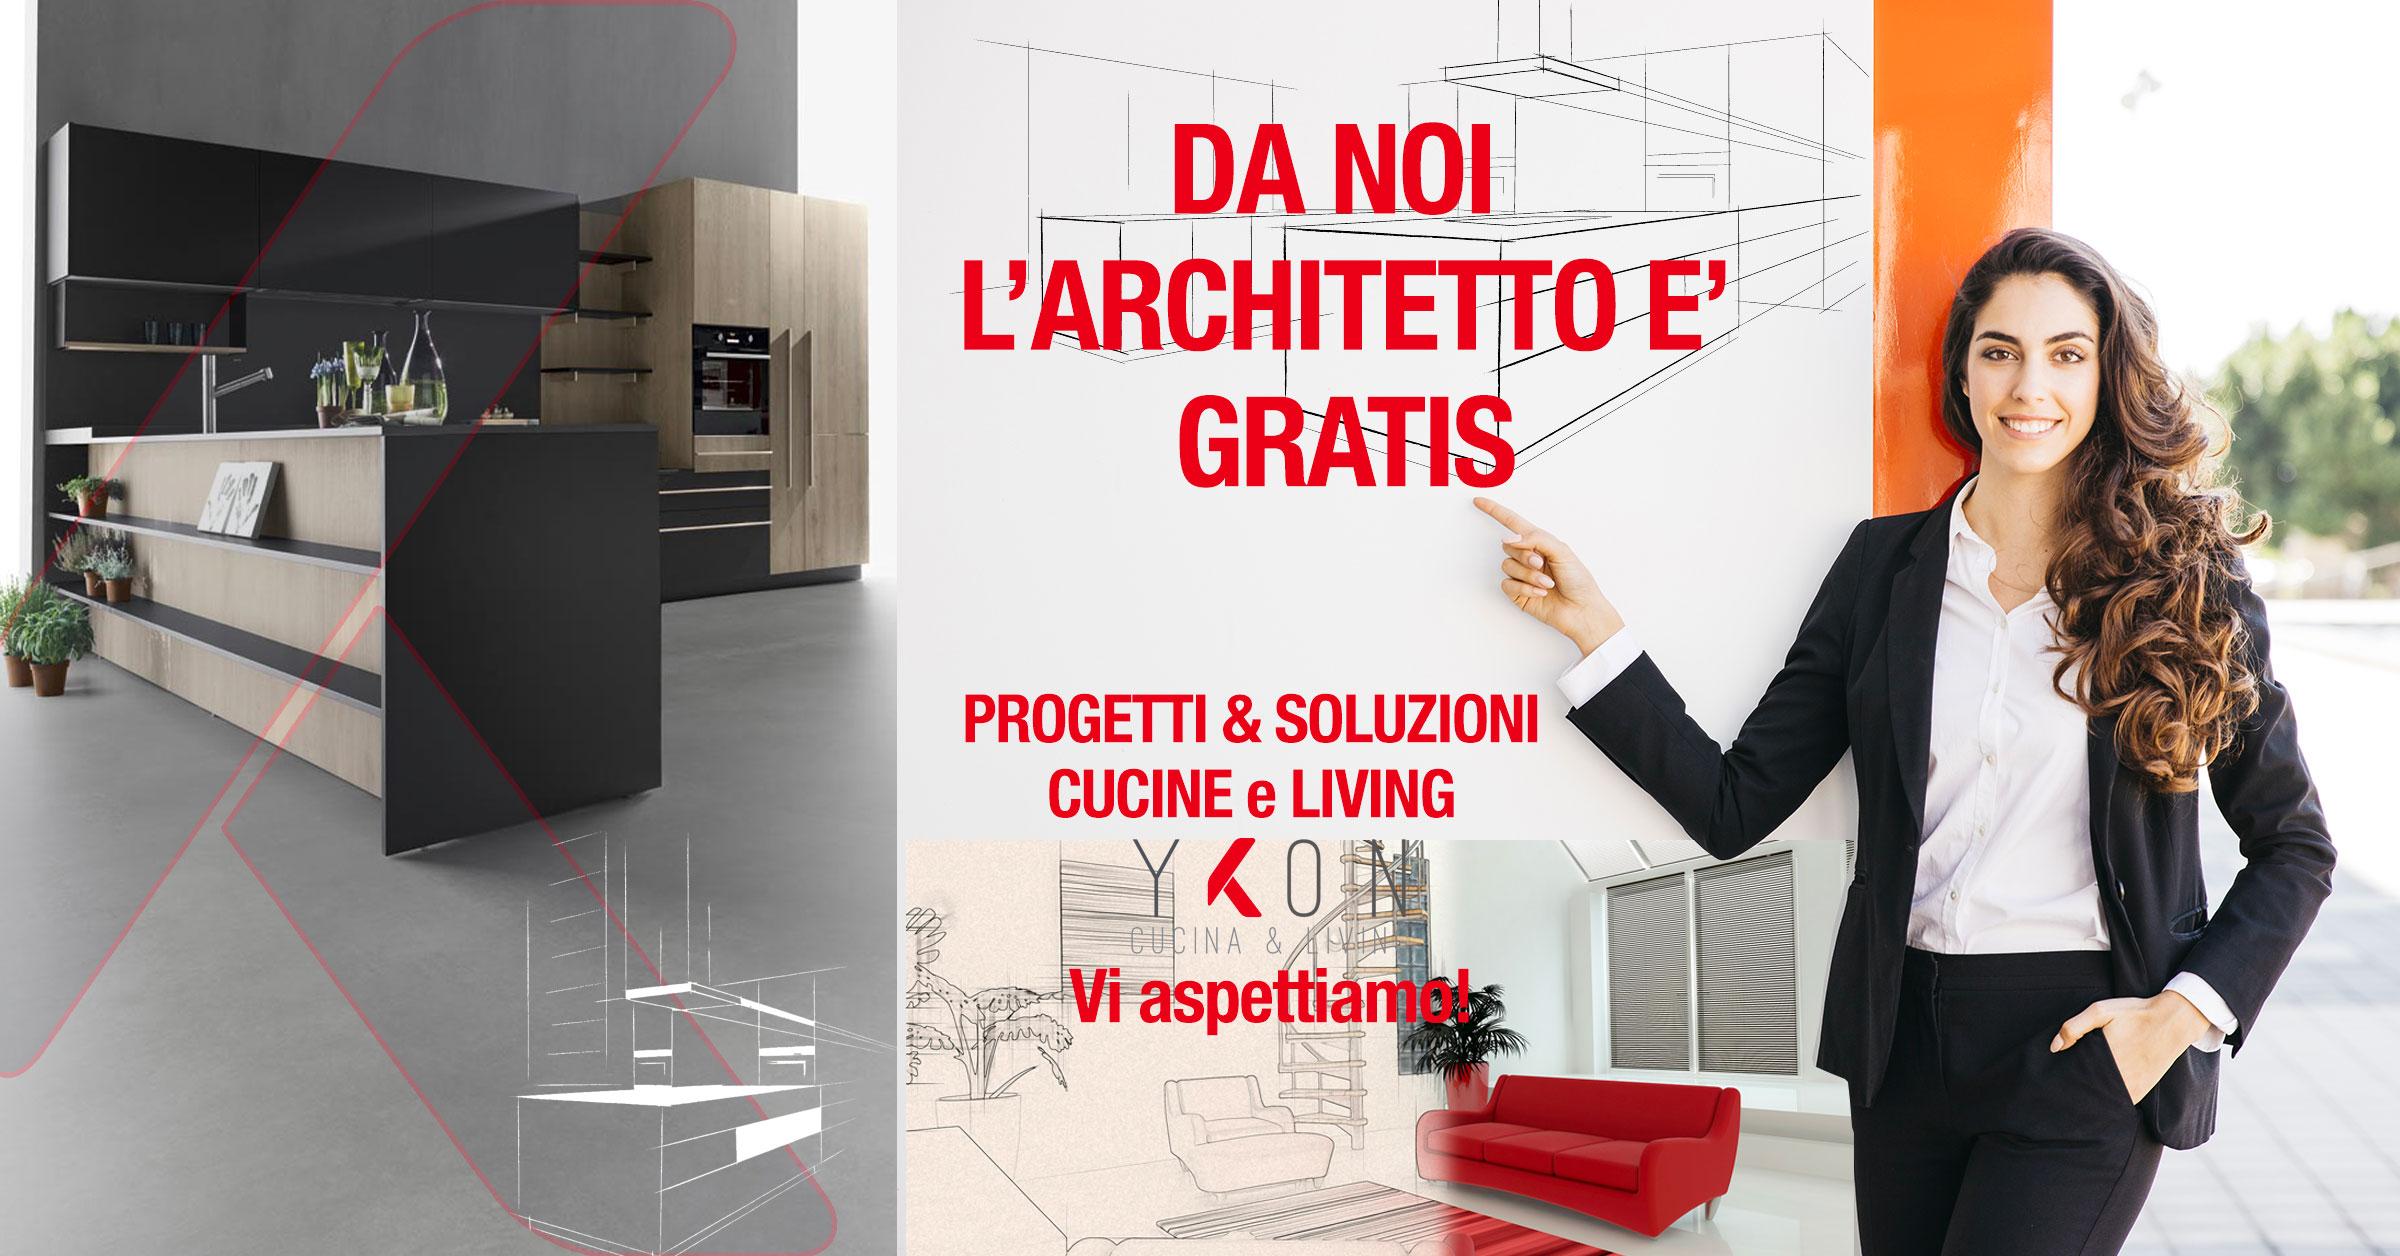 News for Consulenza architetto gratuita